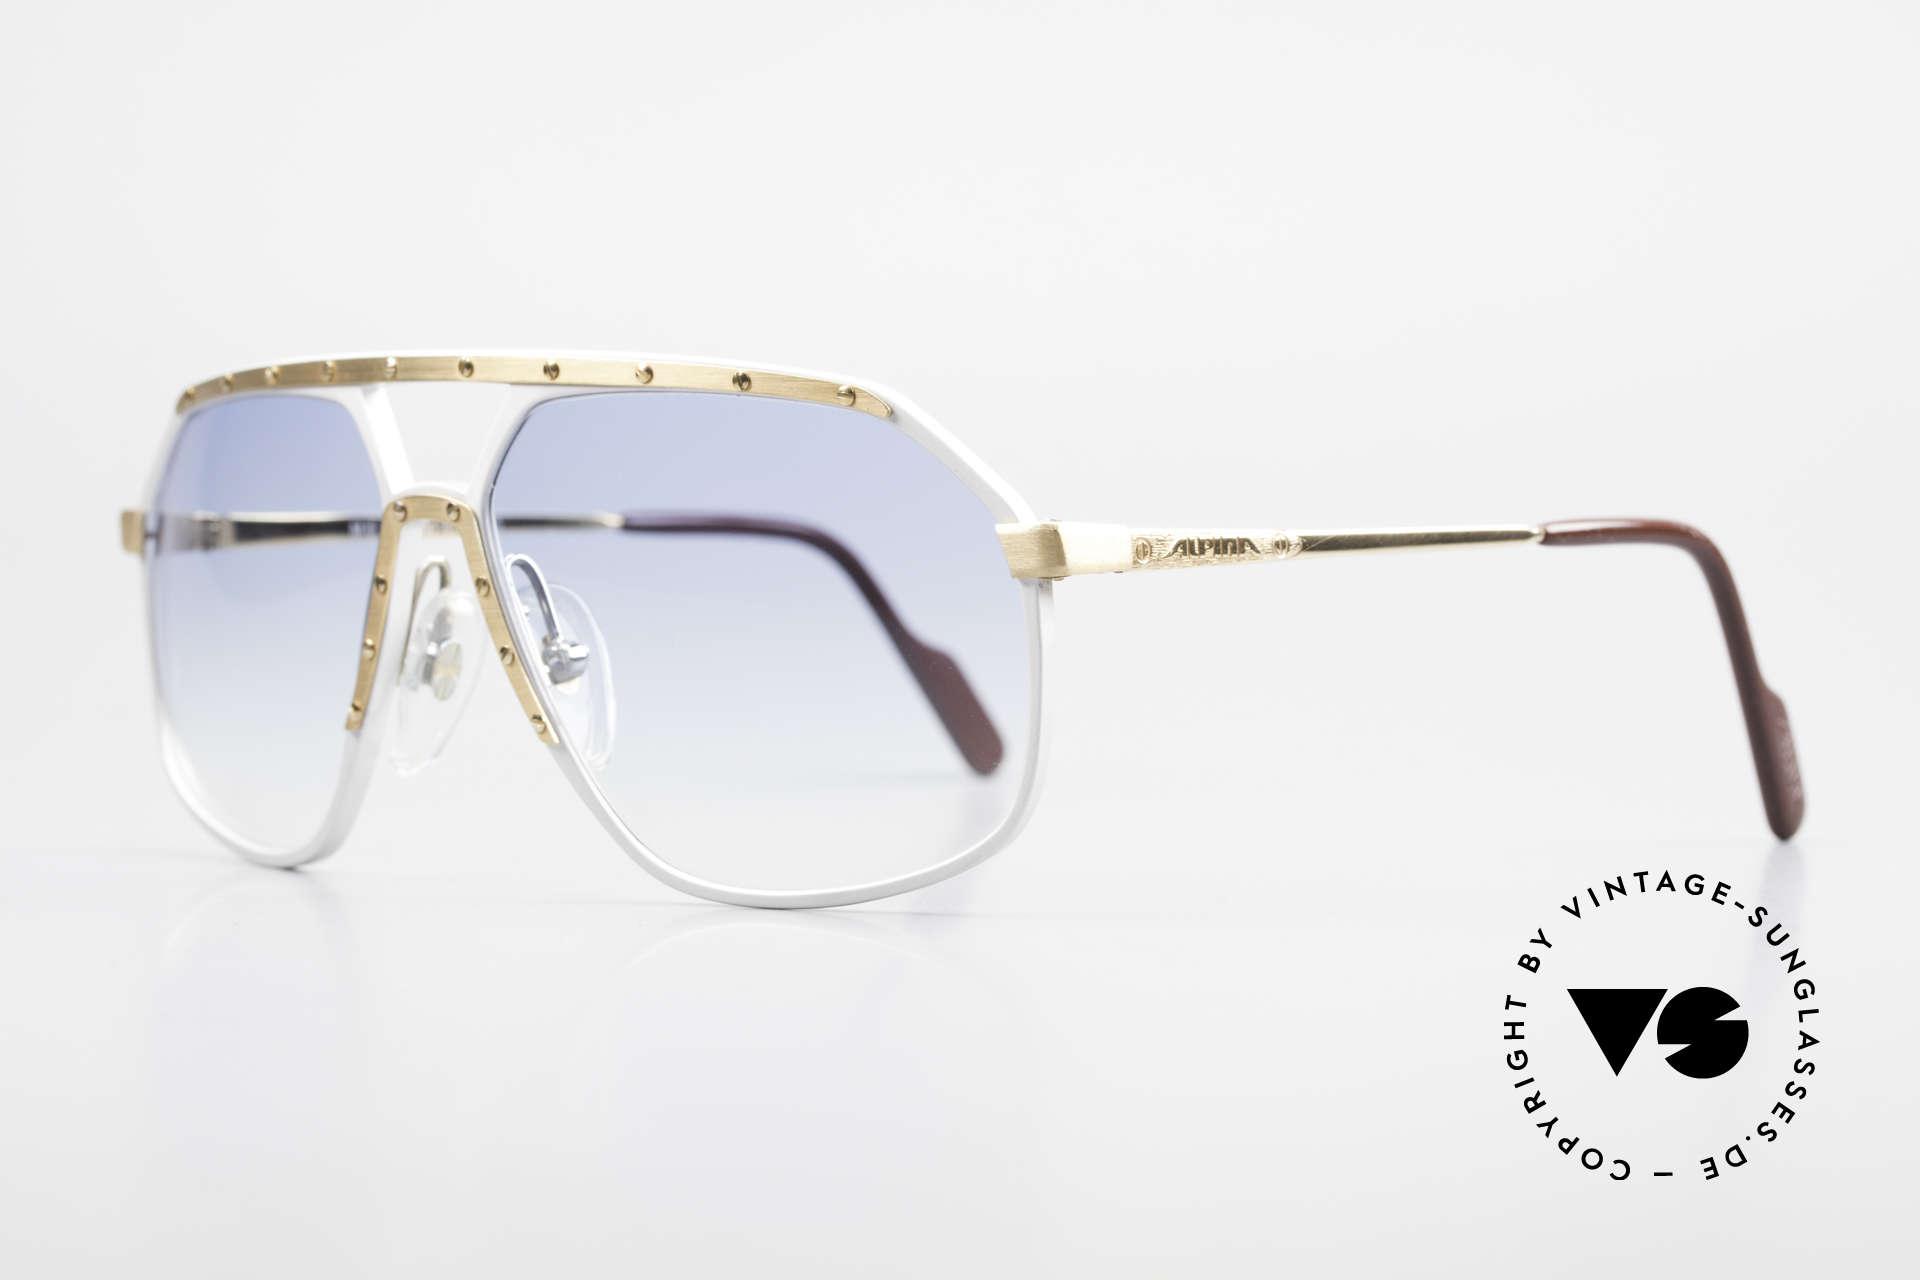 Alpina M6 80er Sonnenbrillen Klassiker, weltberühmt für sein Schrauben-Design; Gr. 60-14, Passend für Herren